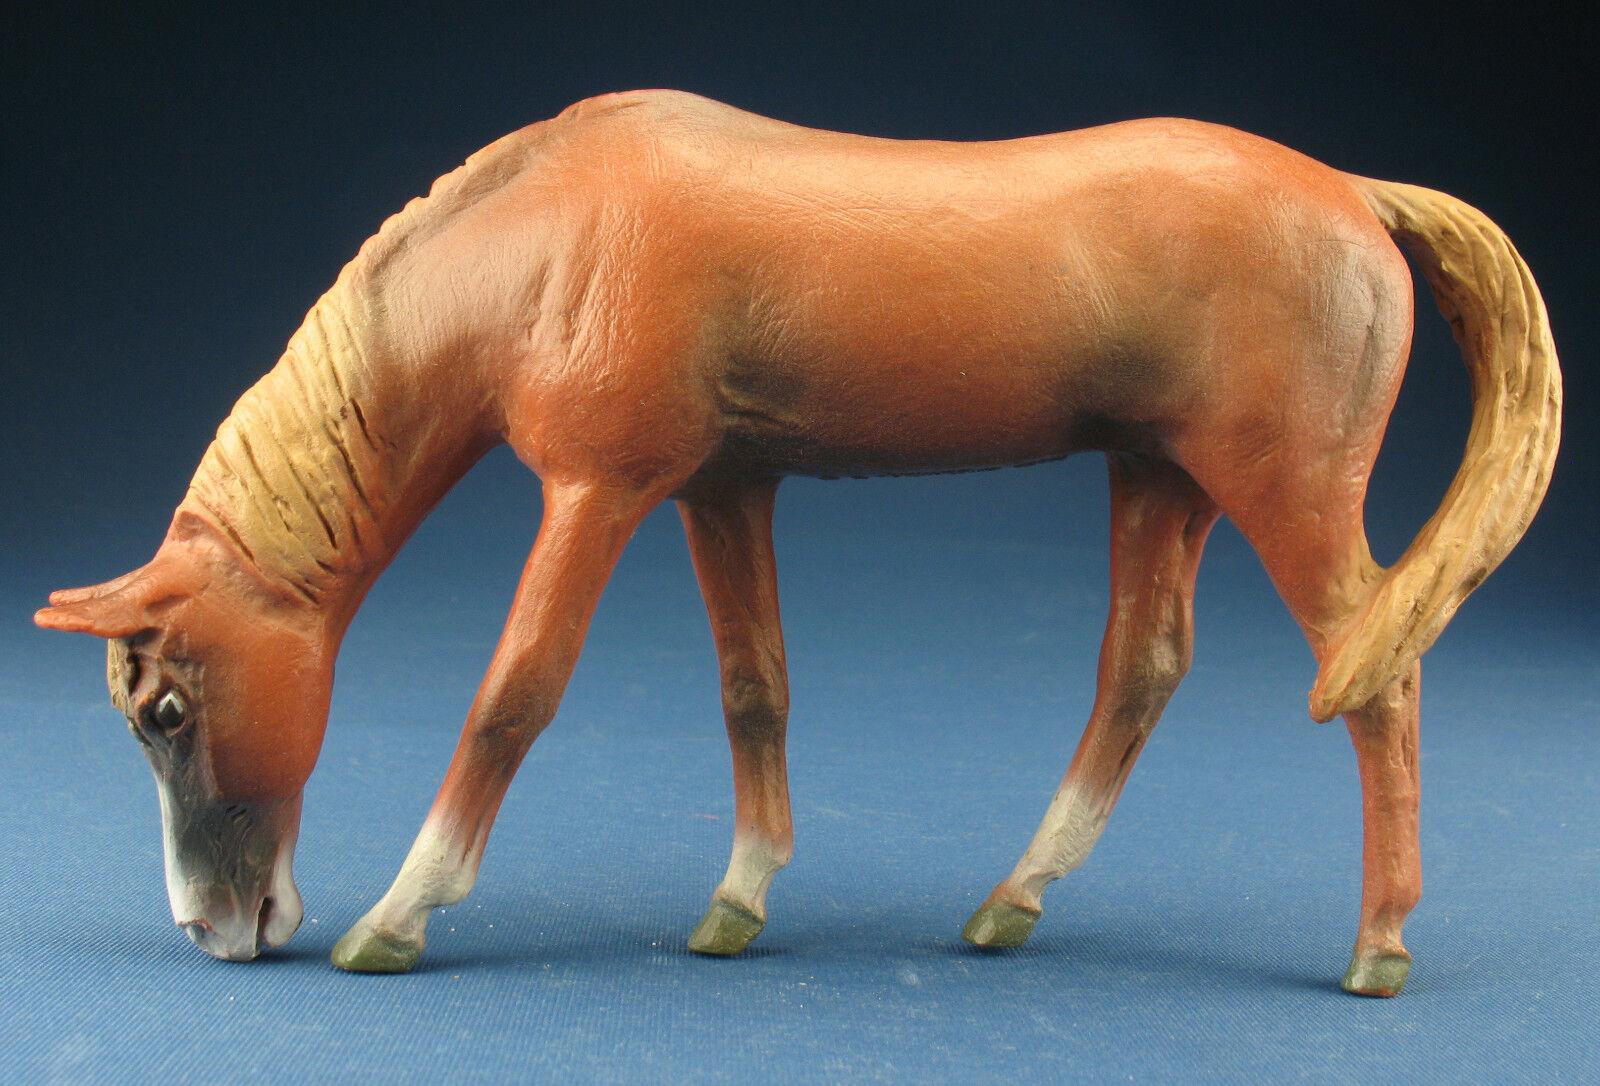 Schleich 16754 - stute grasend - k  nstlerpferd - 1,18 - ingo koblischek - pferd